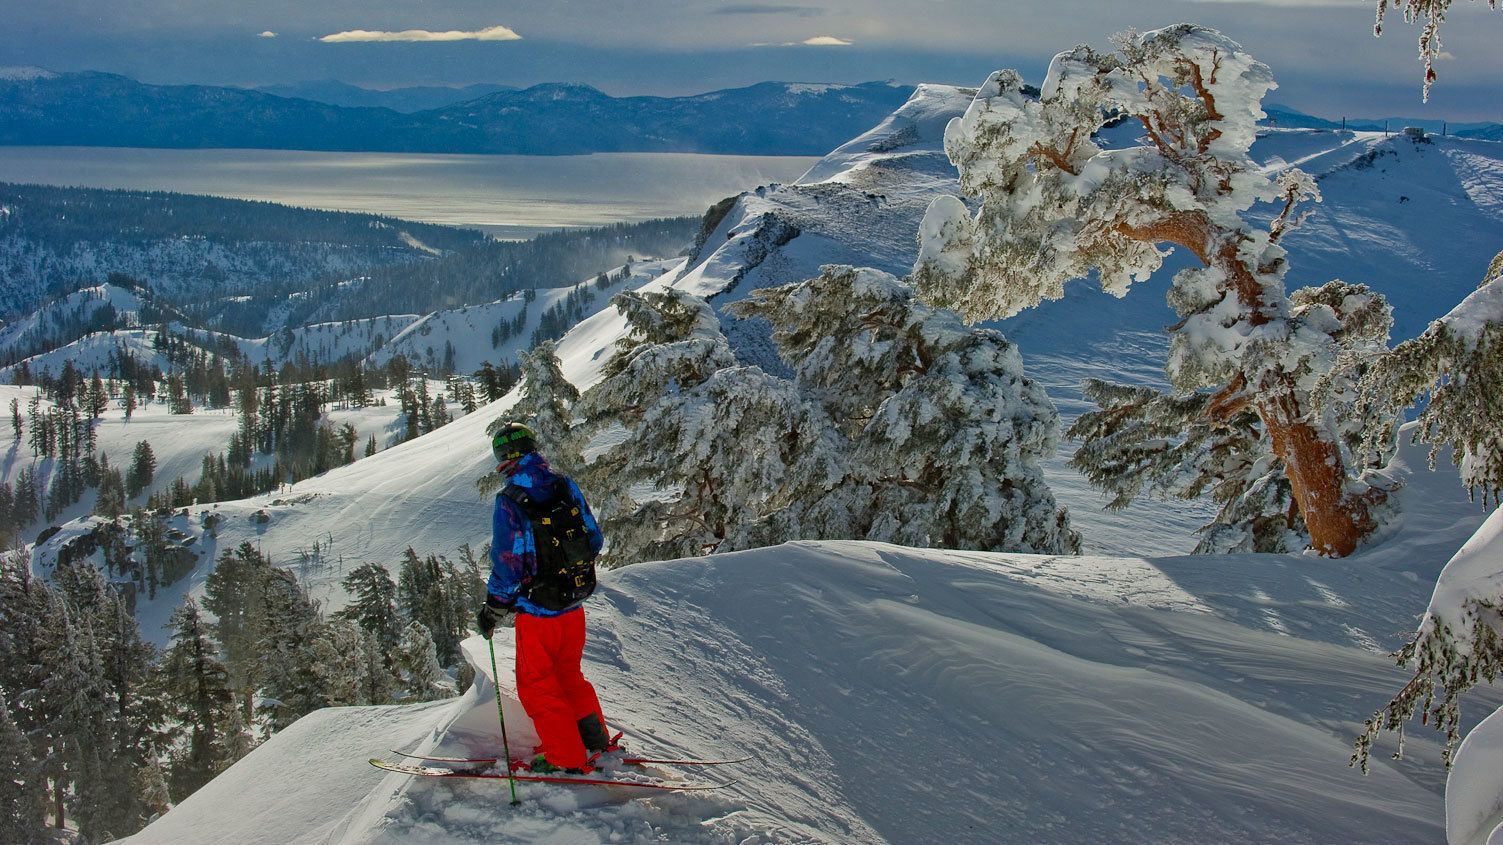 Mountain scene in Tahoe